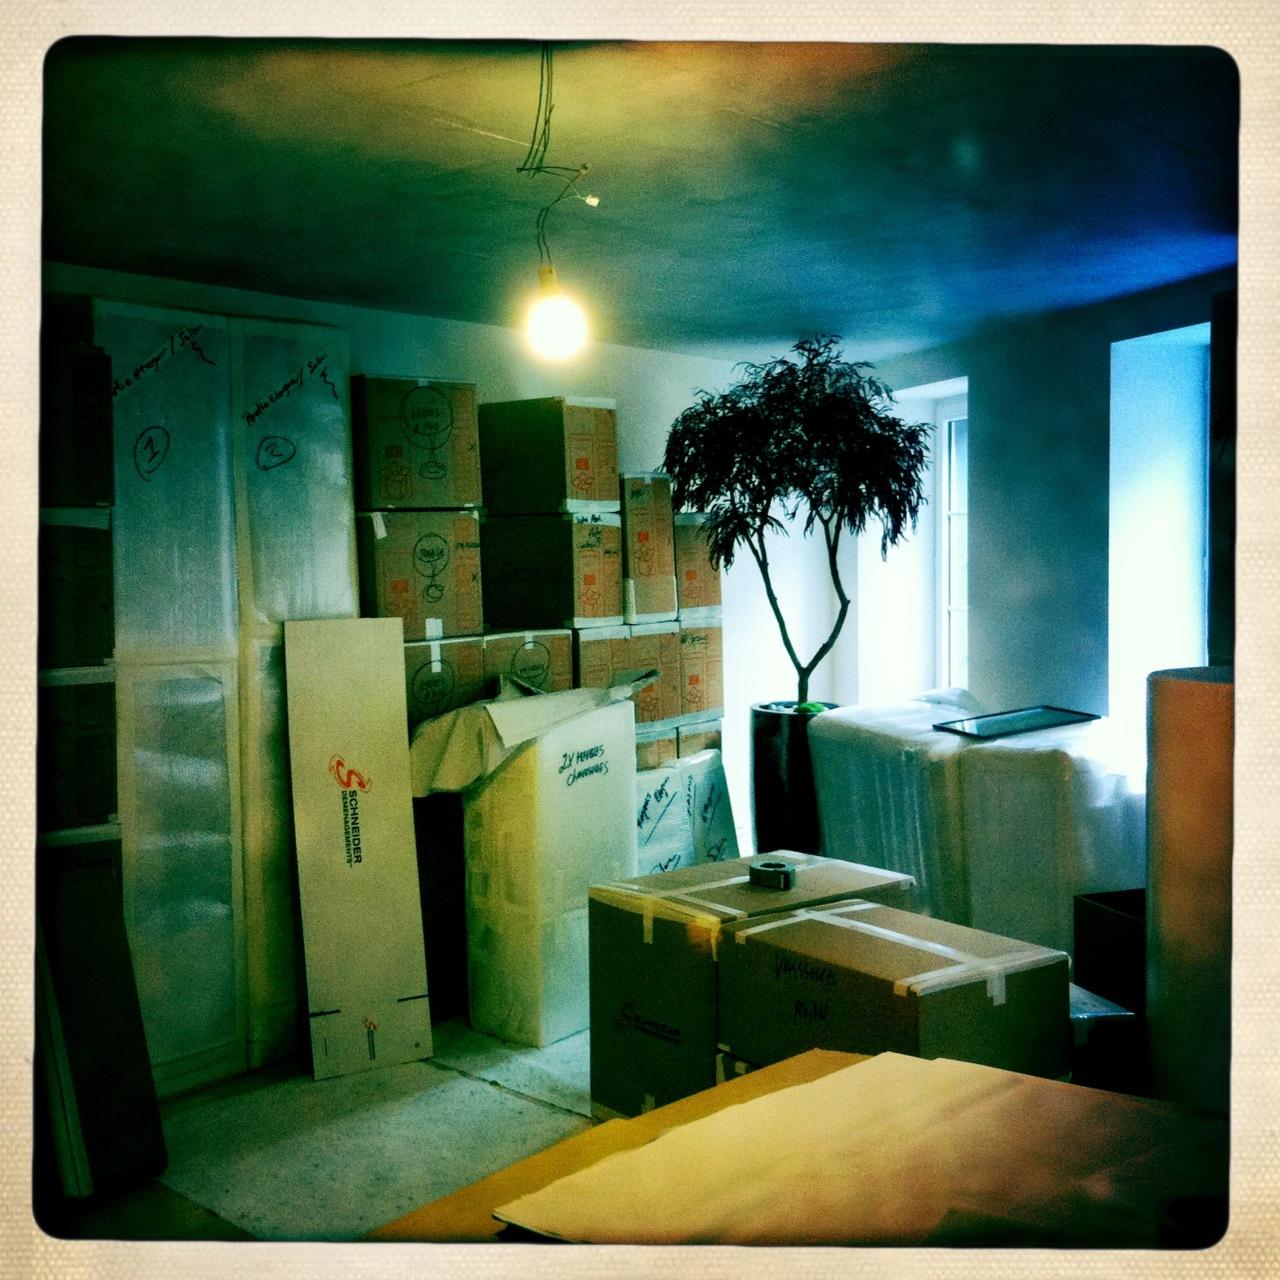 Goodbye Vevey flat… goodbye arbre mort! Non, on est pas partis avec l'abat-jour, c'est juste qu'on aura même pas eu le temps d'en mettre ;-)